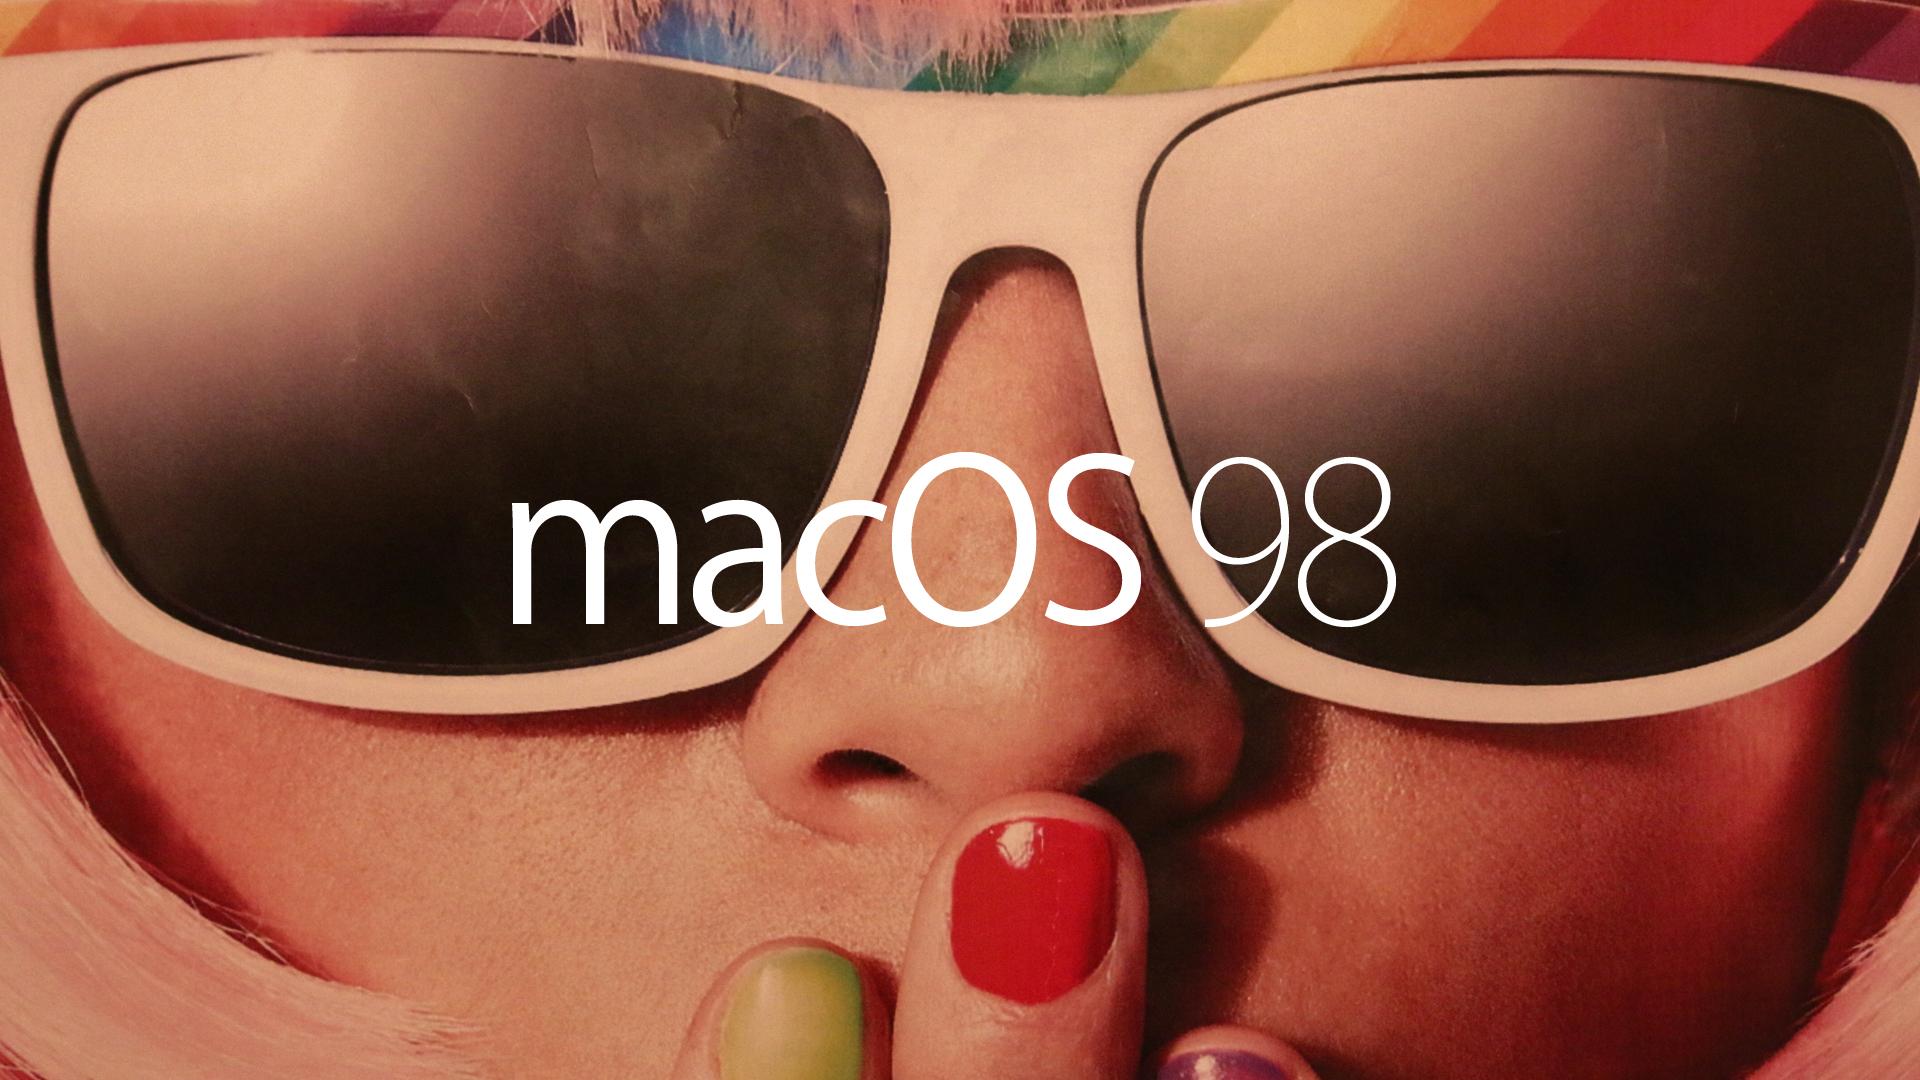 Mac OS 98